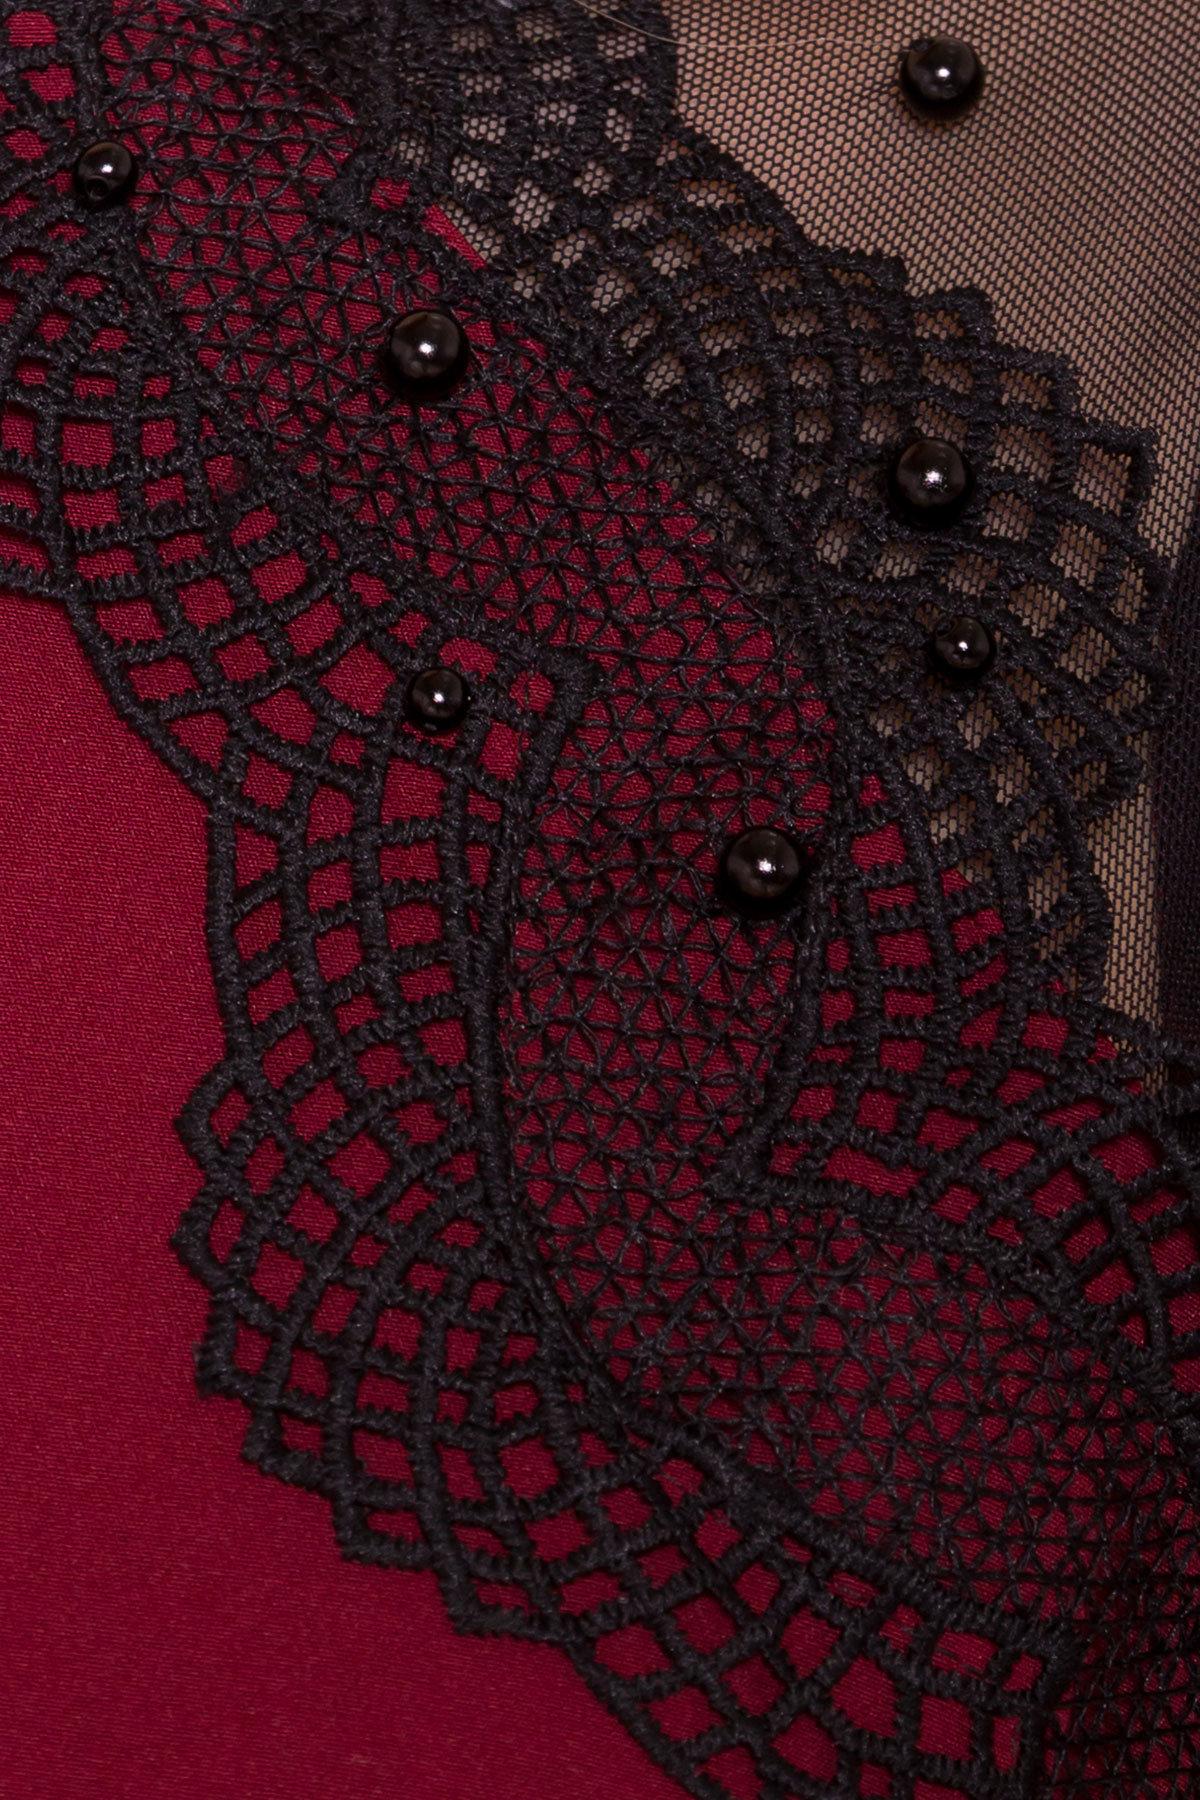 Платье с рукавом фонарик Алексис 6650 АРТ. 41758 Цвет: Марсала - фото 4, интернет магазин tm-modus.ru